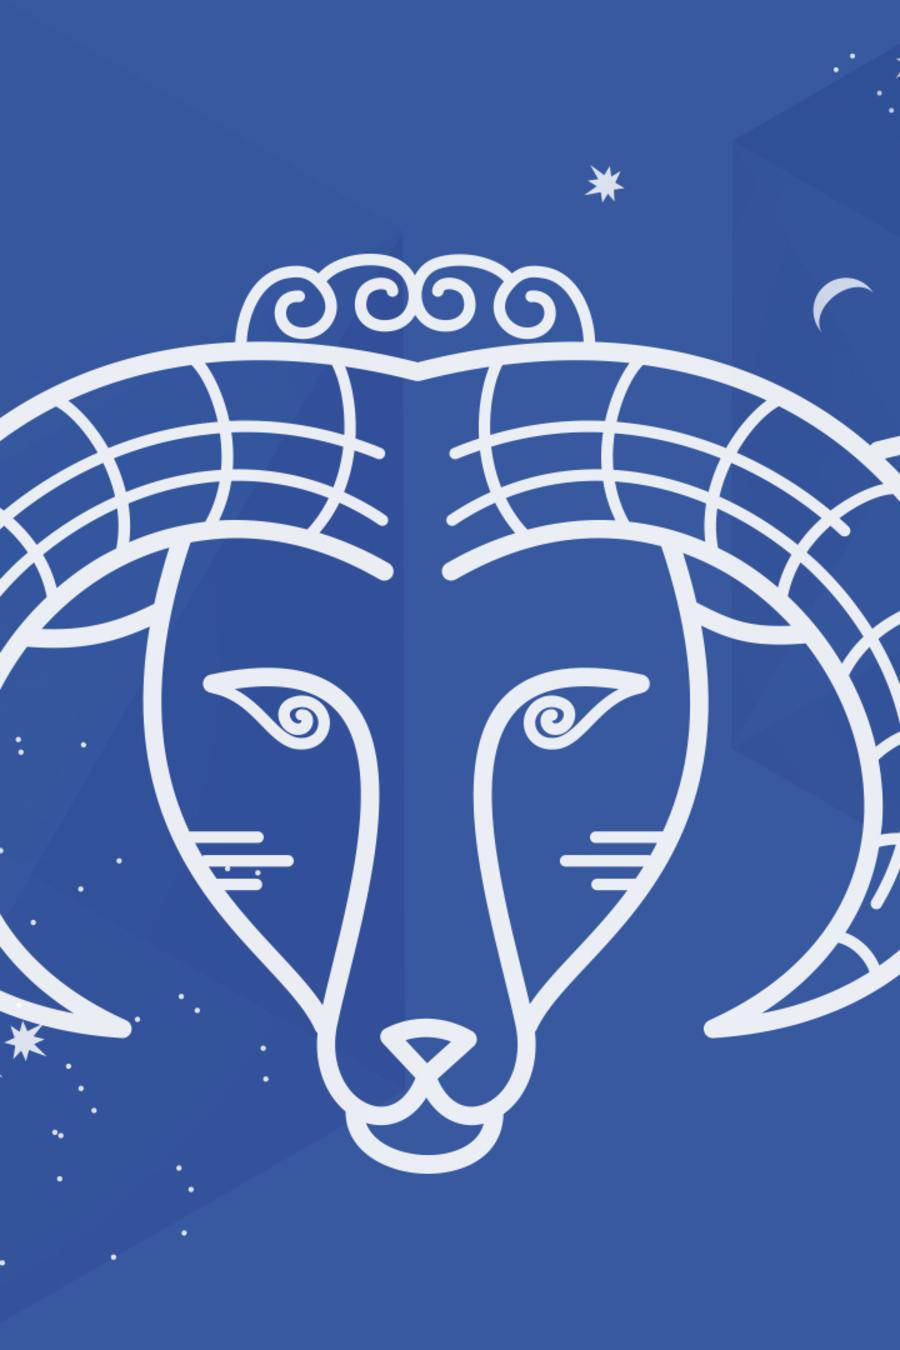 Horóscopo zodiacal signo Aries